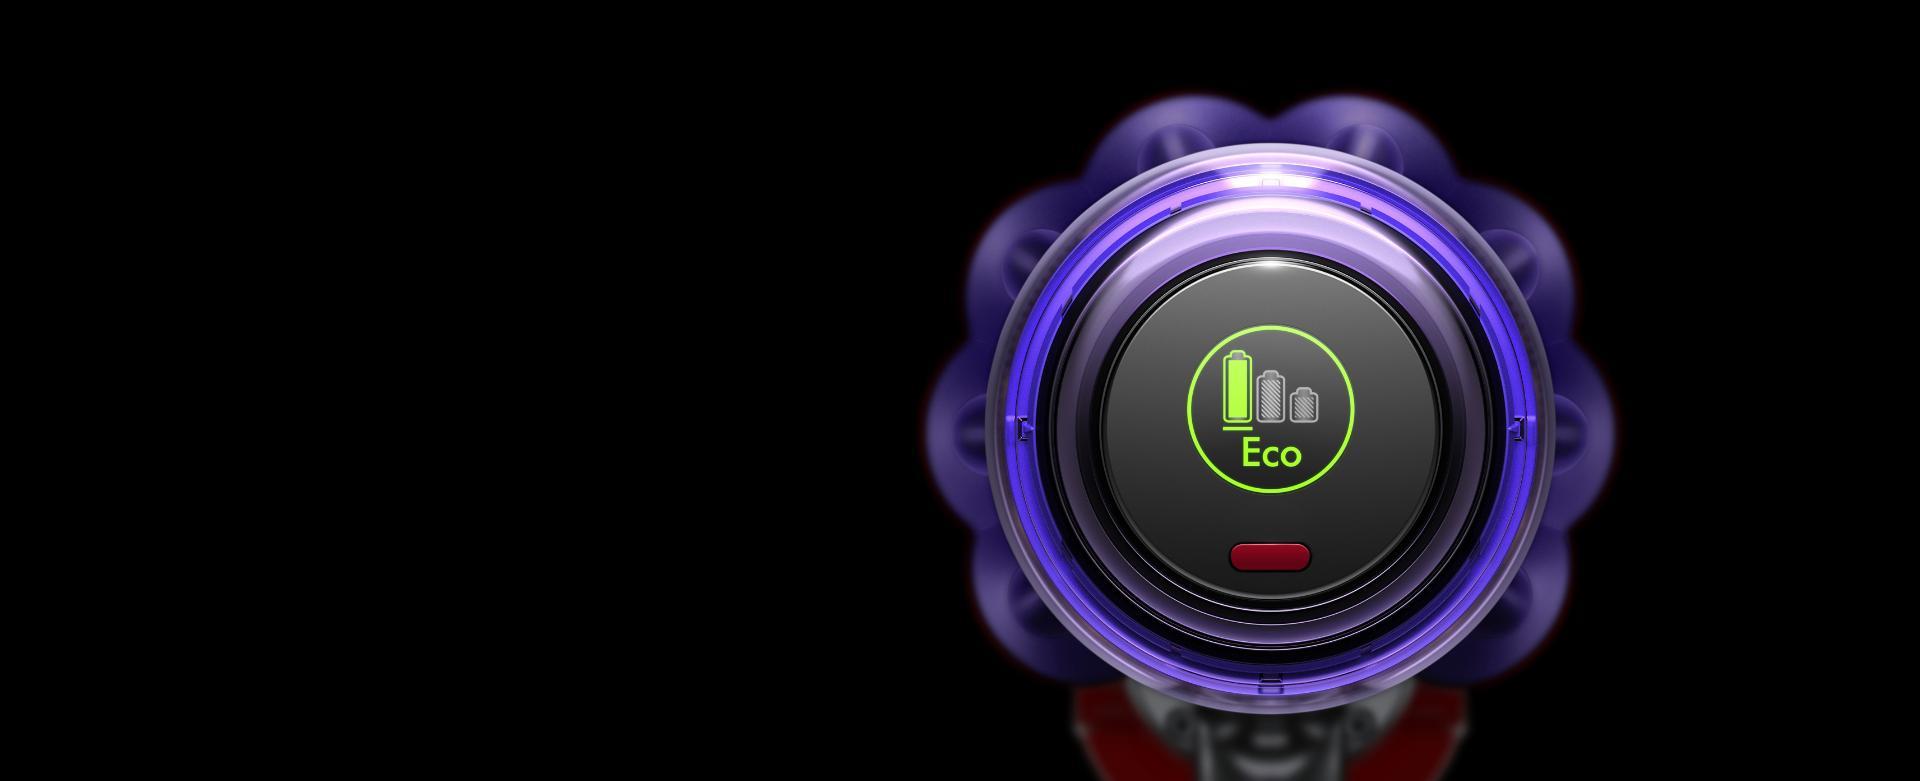 Hình ảnh màn hình hiển thị chế độ Eco.